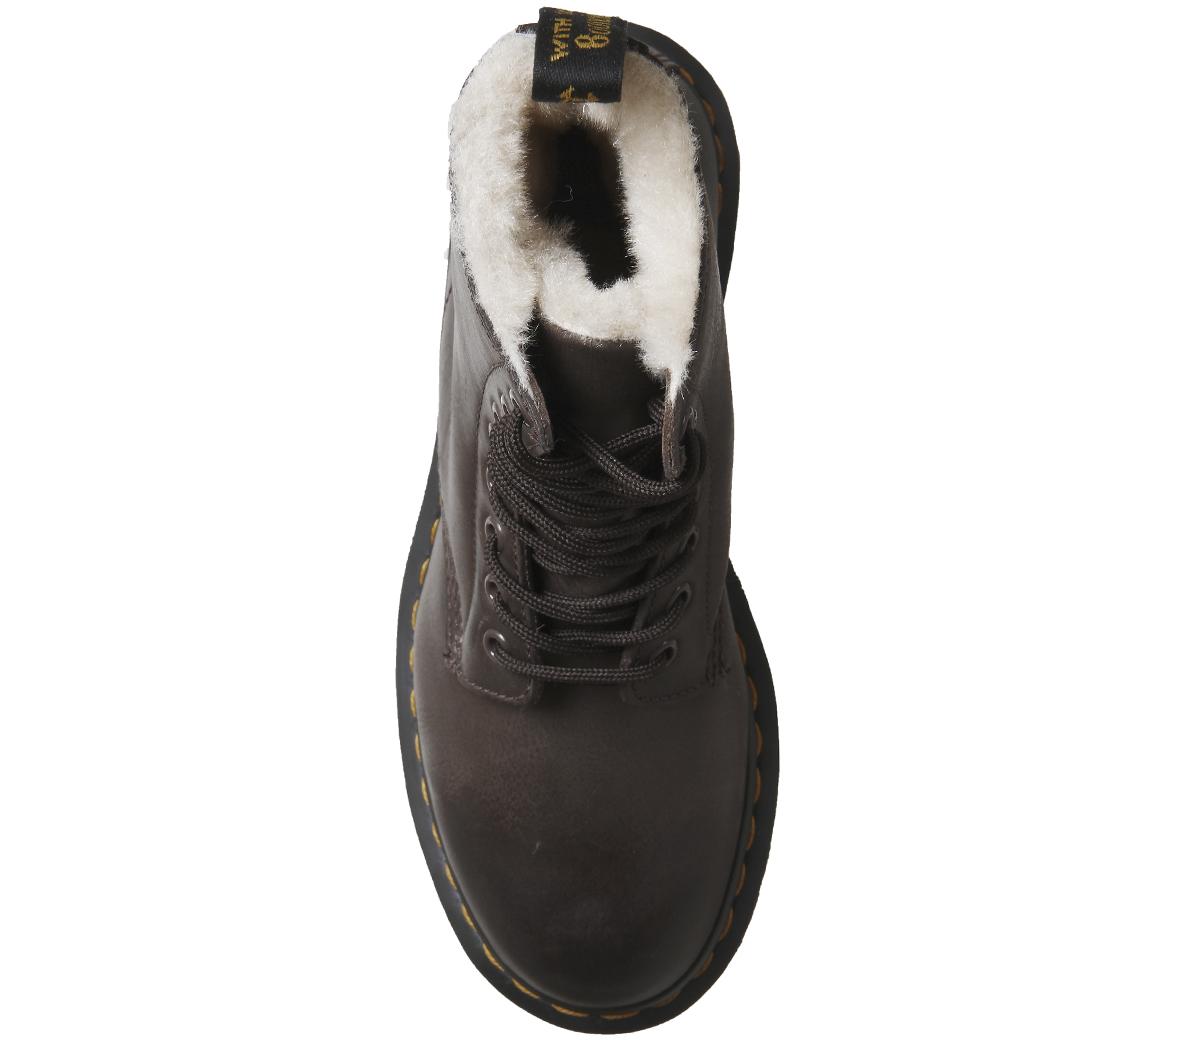 7b86fac7e86 SENTINEL Occhiello di Dr. Martens Serena 8 Womens stivali Wyoming marrone  scuro